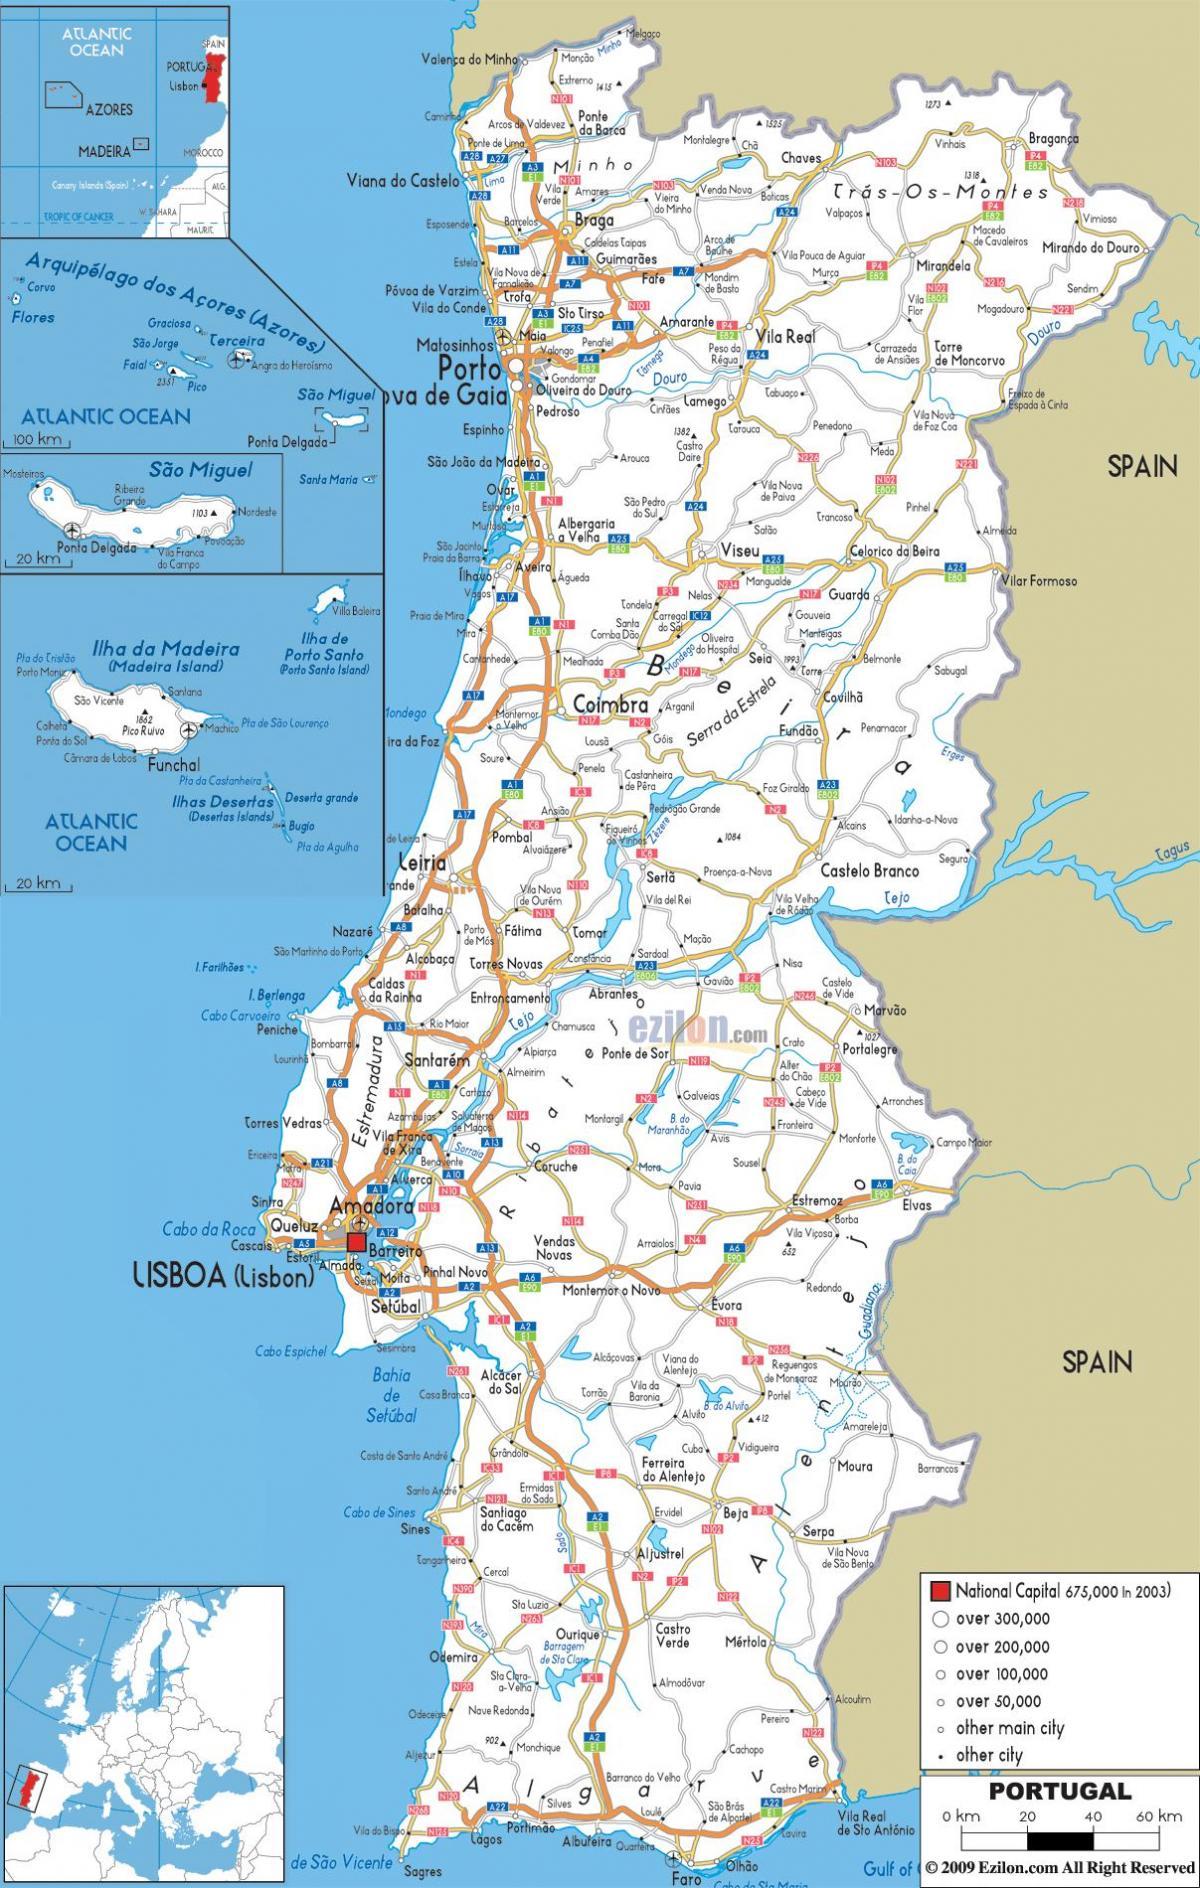 kart over portugal Portugal kart utskrivbare   Utskriftsvennlig kart over Portugal  kart over portugal